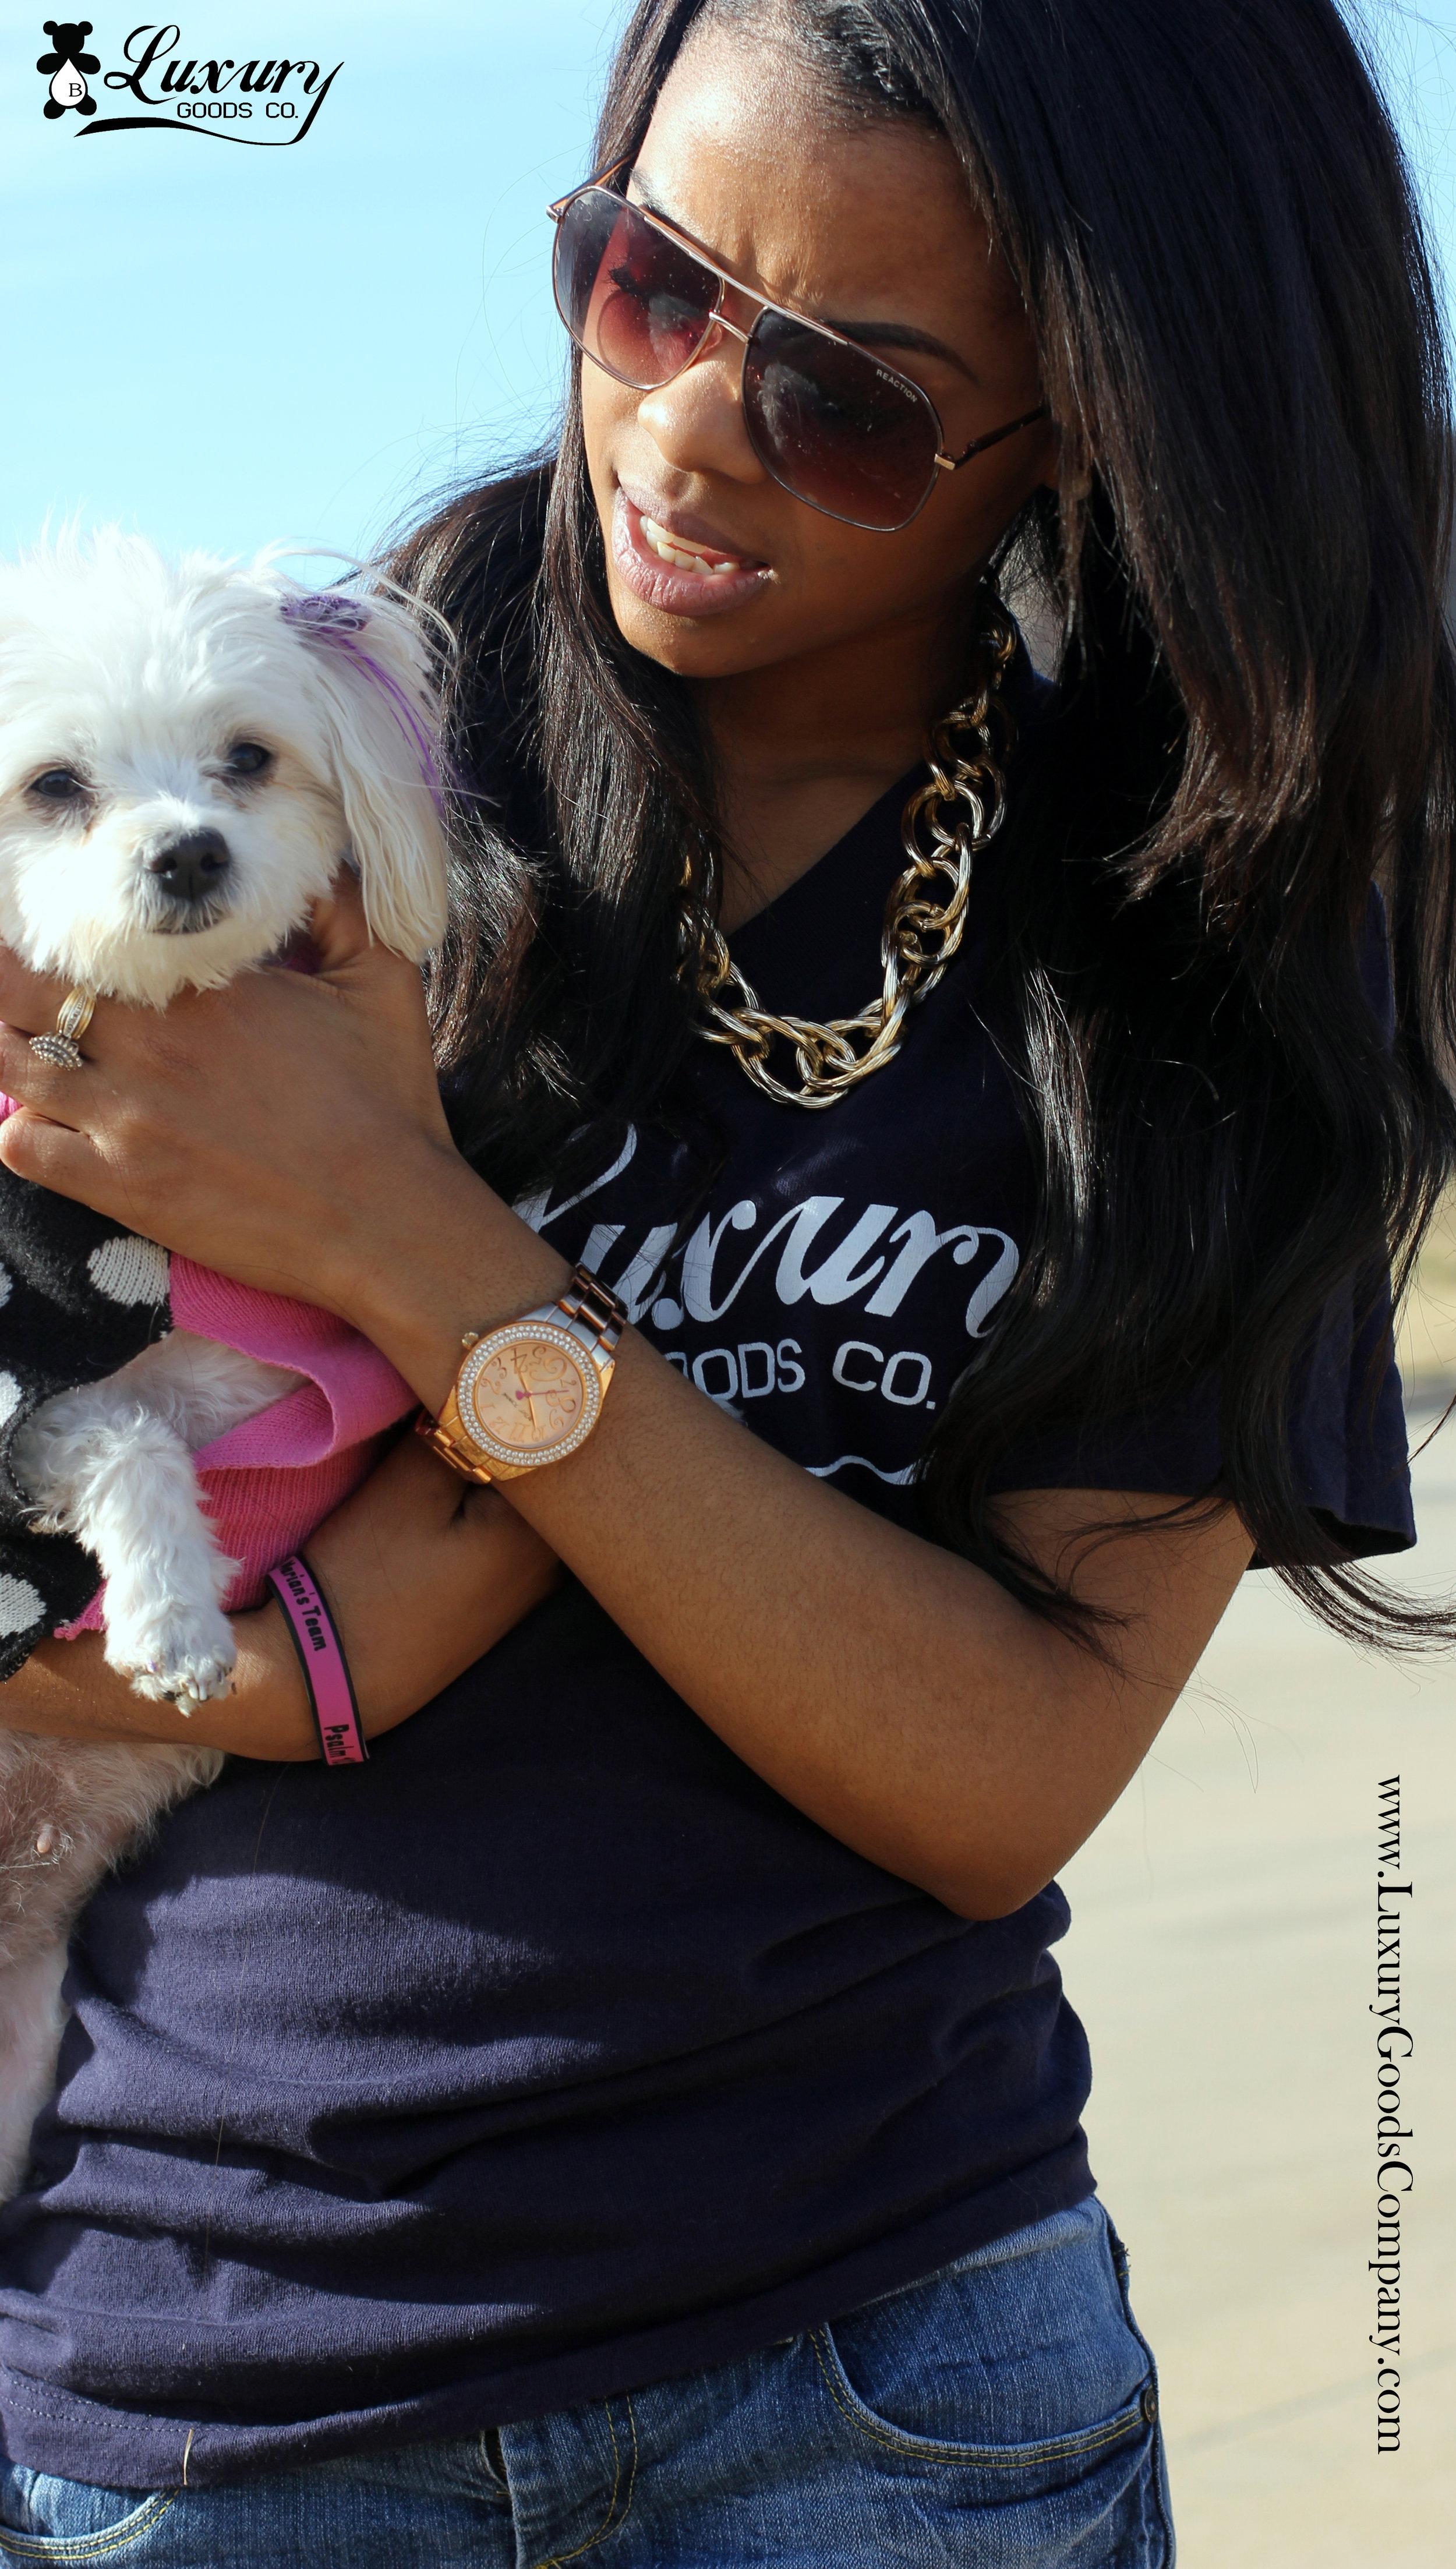 Tiara Rich Girl.jpg